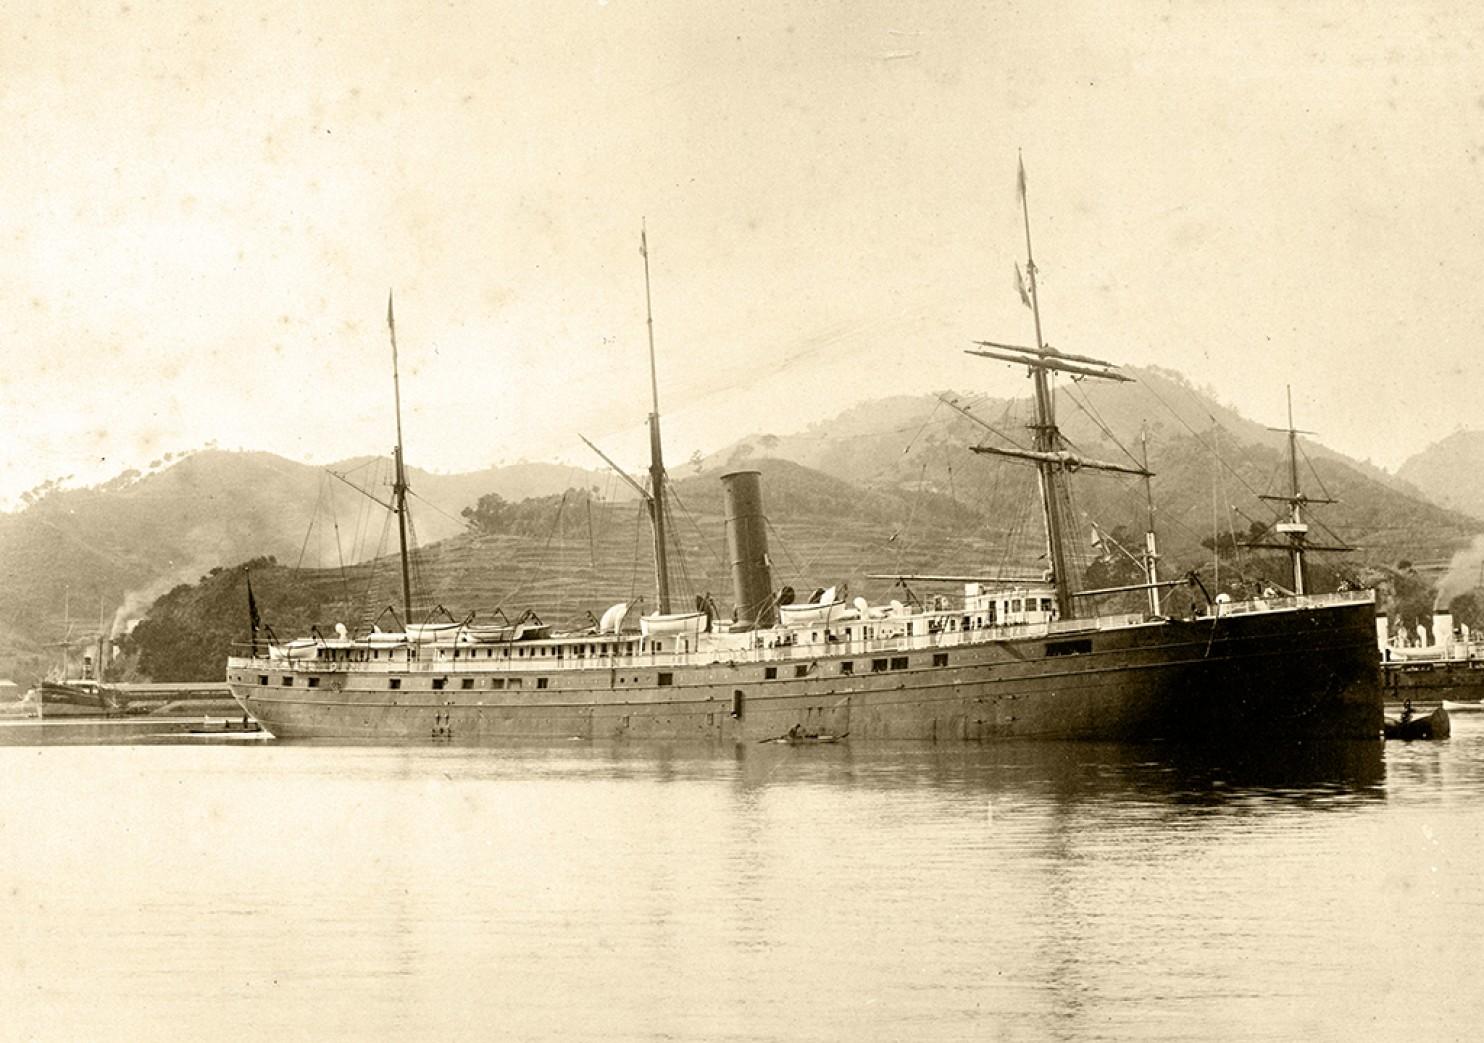 SS City of Rio de Janeiro (San Francisco Maritime National Historical Park, NOAA)